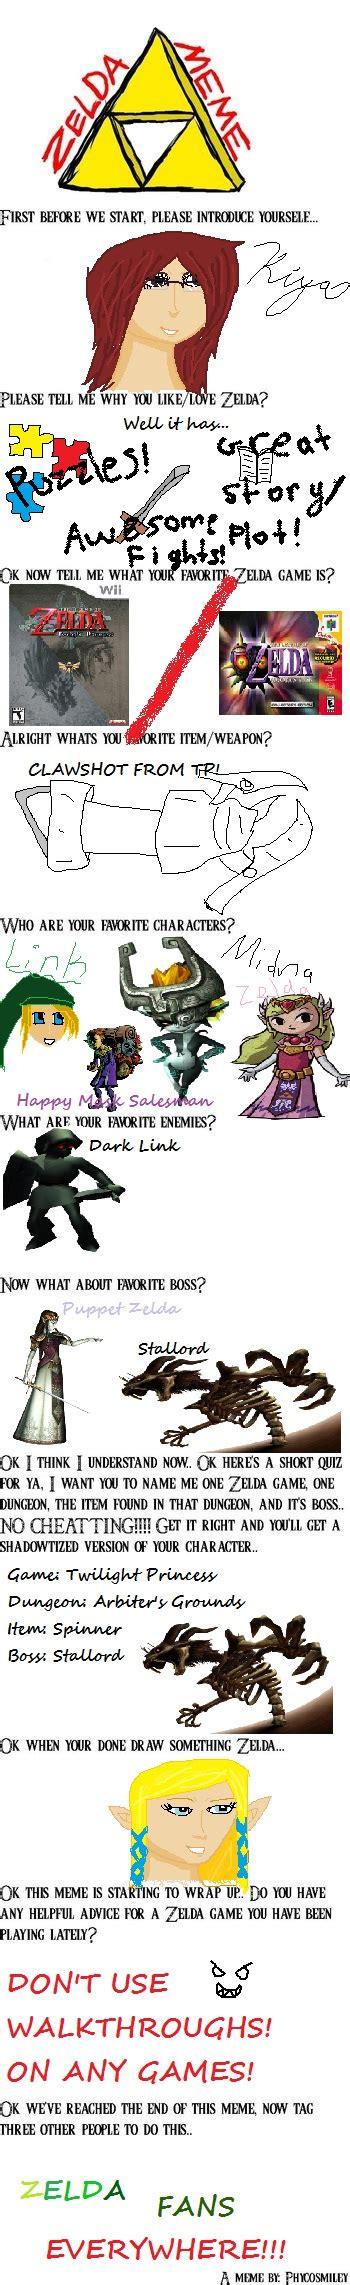 Legend Of Zelda Memes - legend of zelda meme by tetraforcelink on deviantart